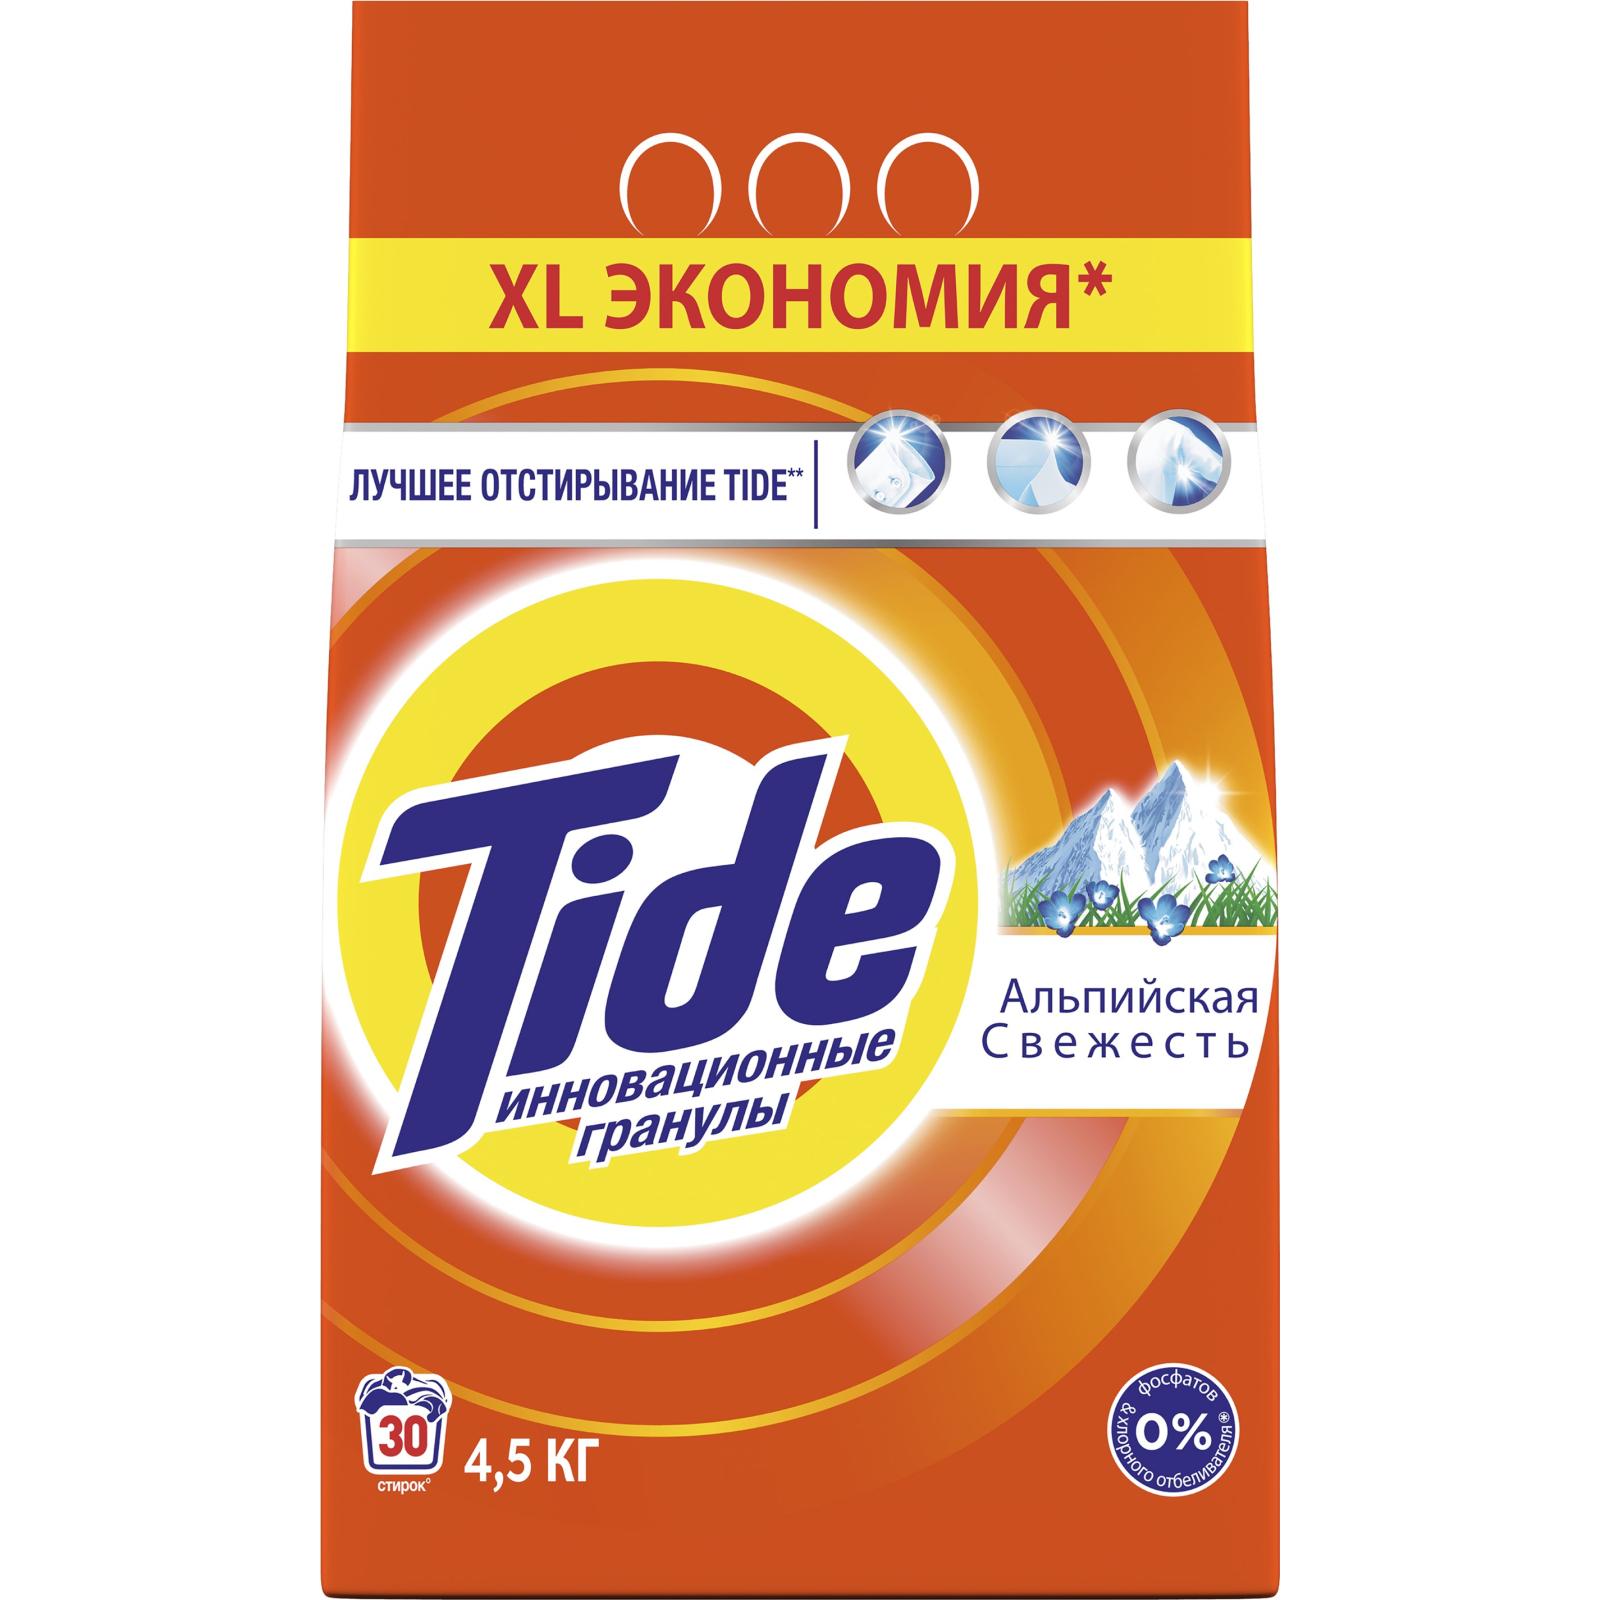 Стиральный порошок Tide Альпийская свежесть 4,5 кг (5410076228171)